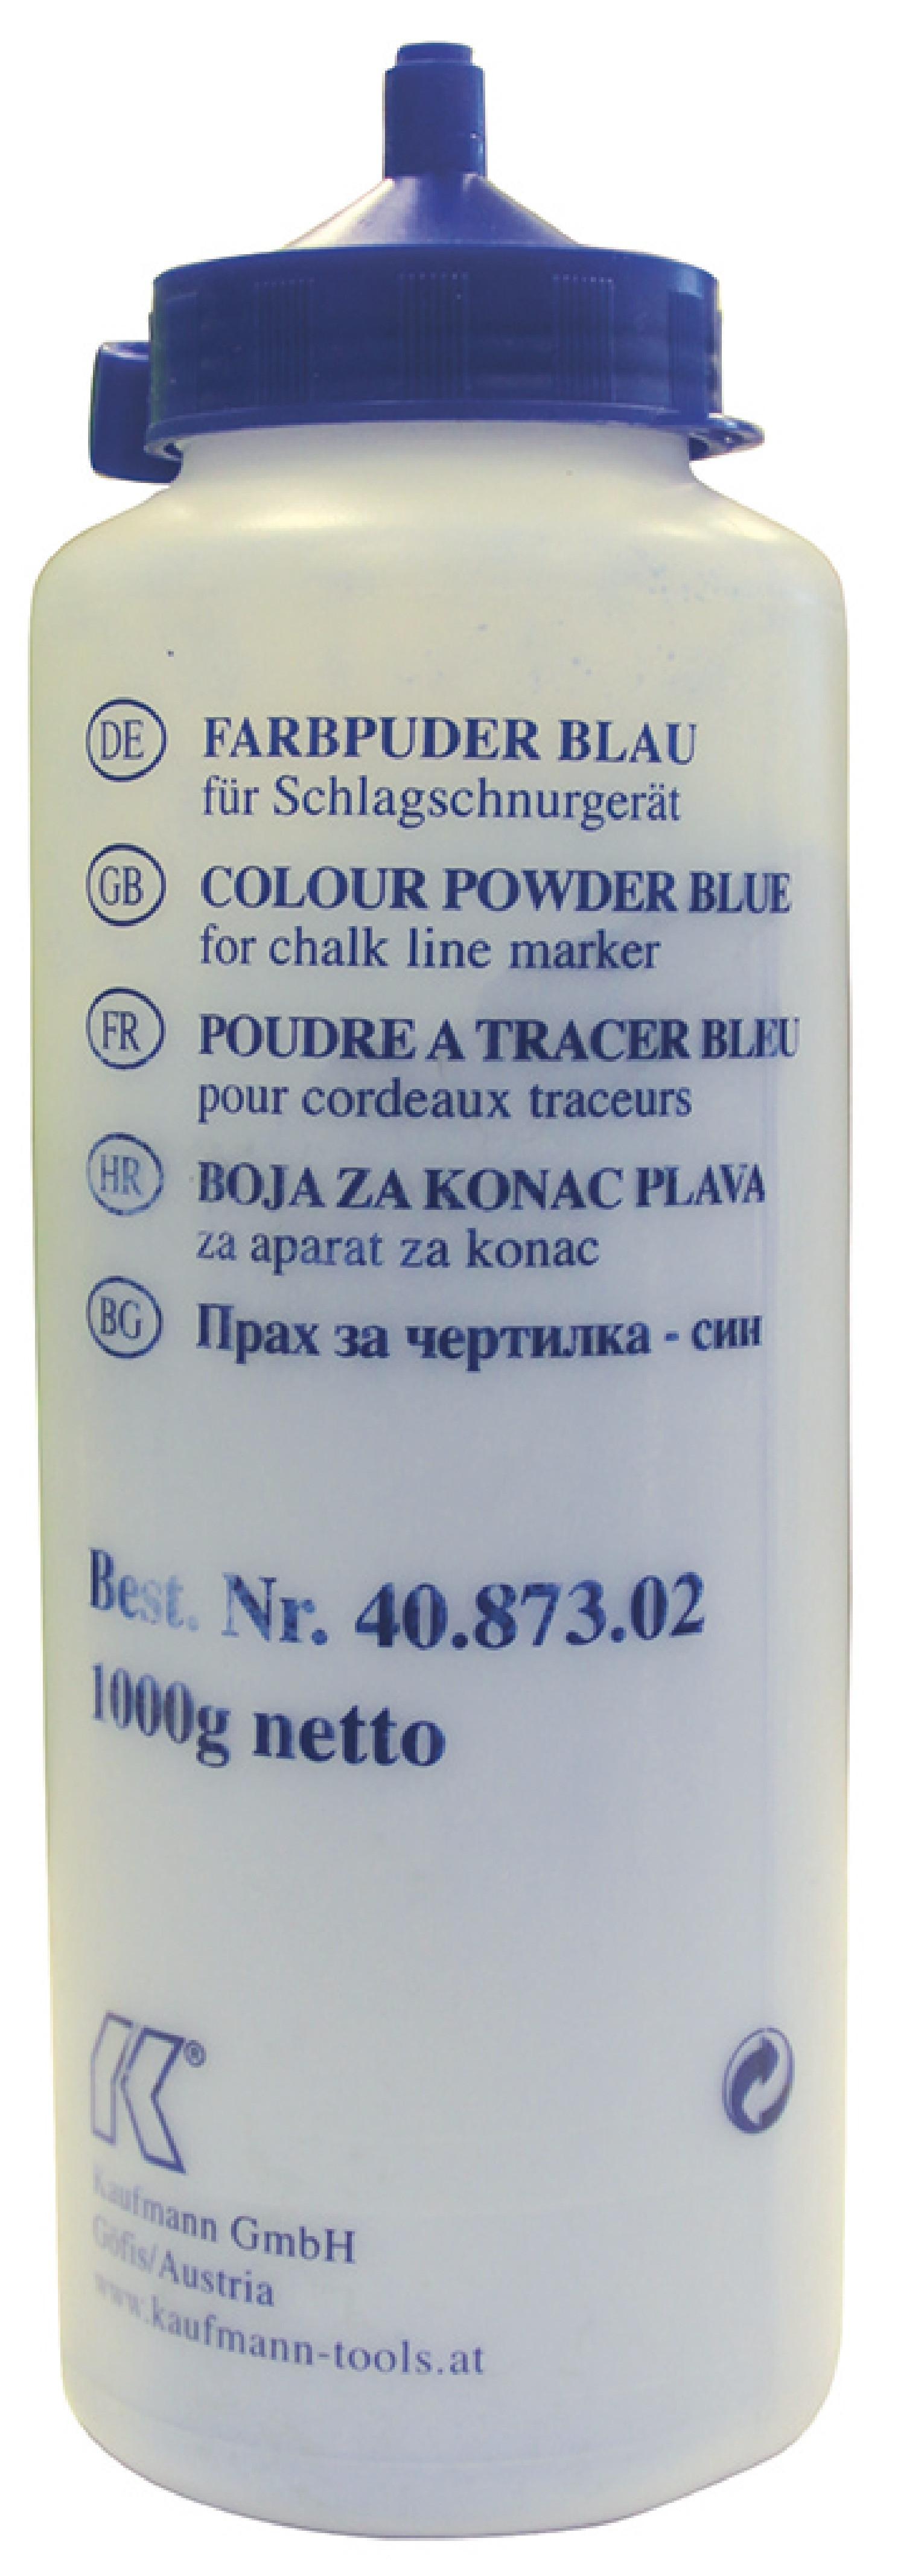 Markierungspuder 1 kg Gebinde blau